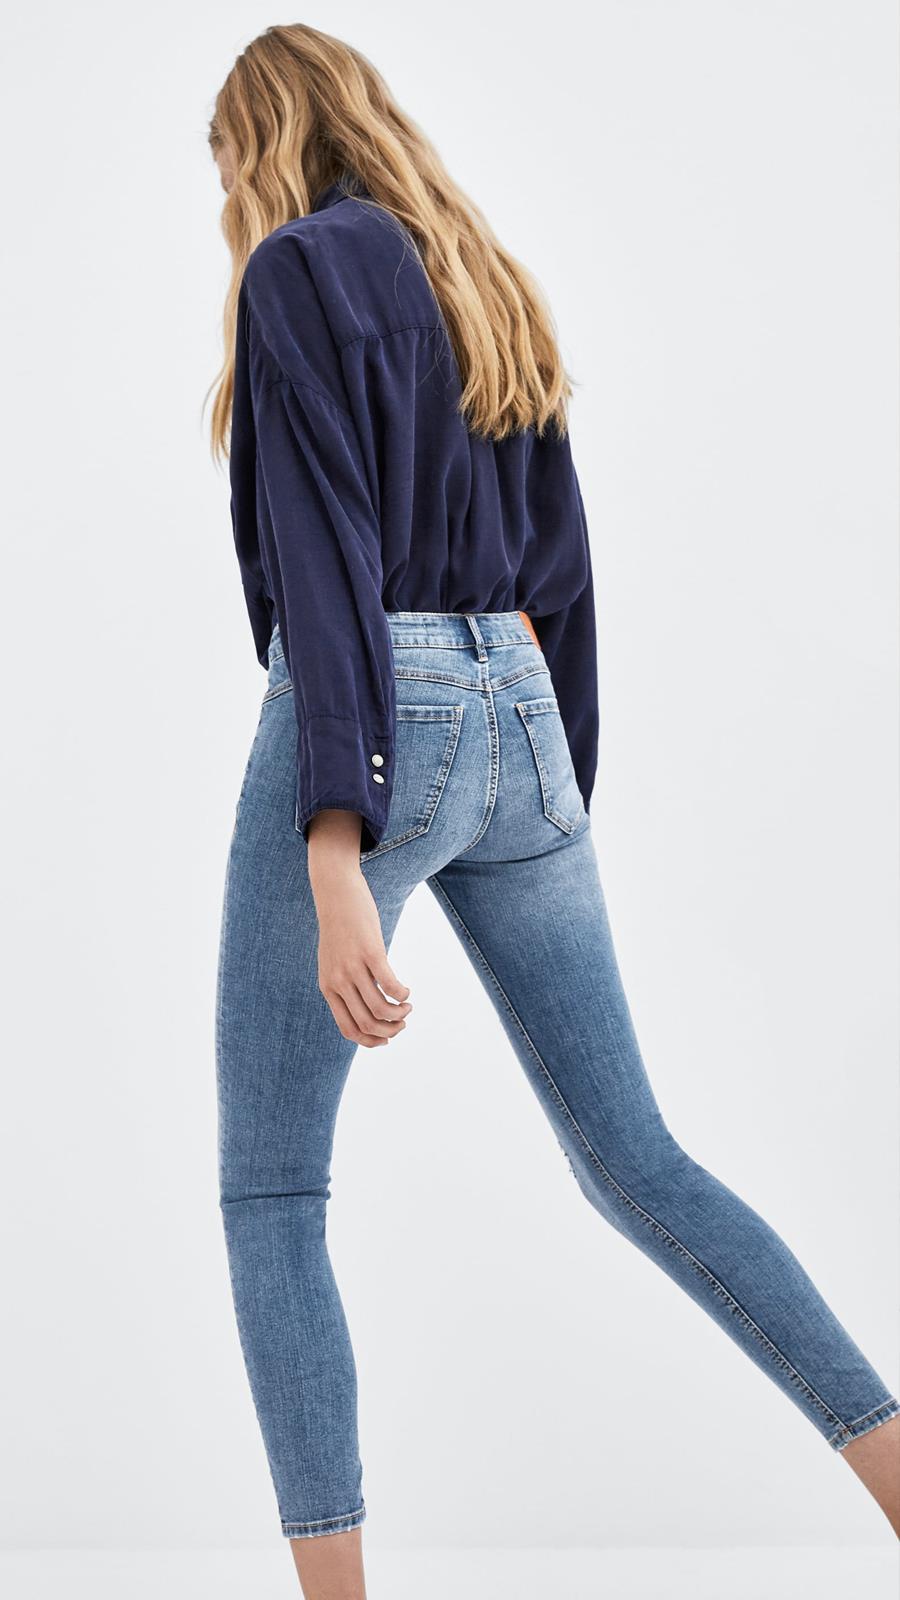 Su Rise Jeans Tecnología Low Potencian De Figura 19 A Zara Sculpt Gracias La FqTq4v